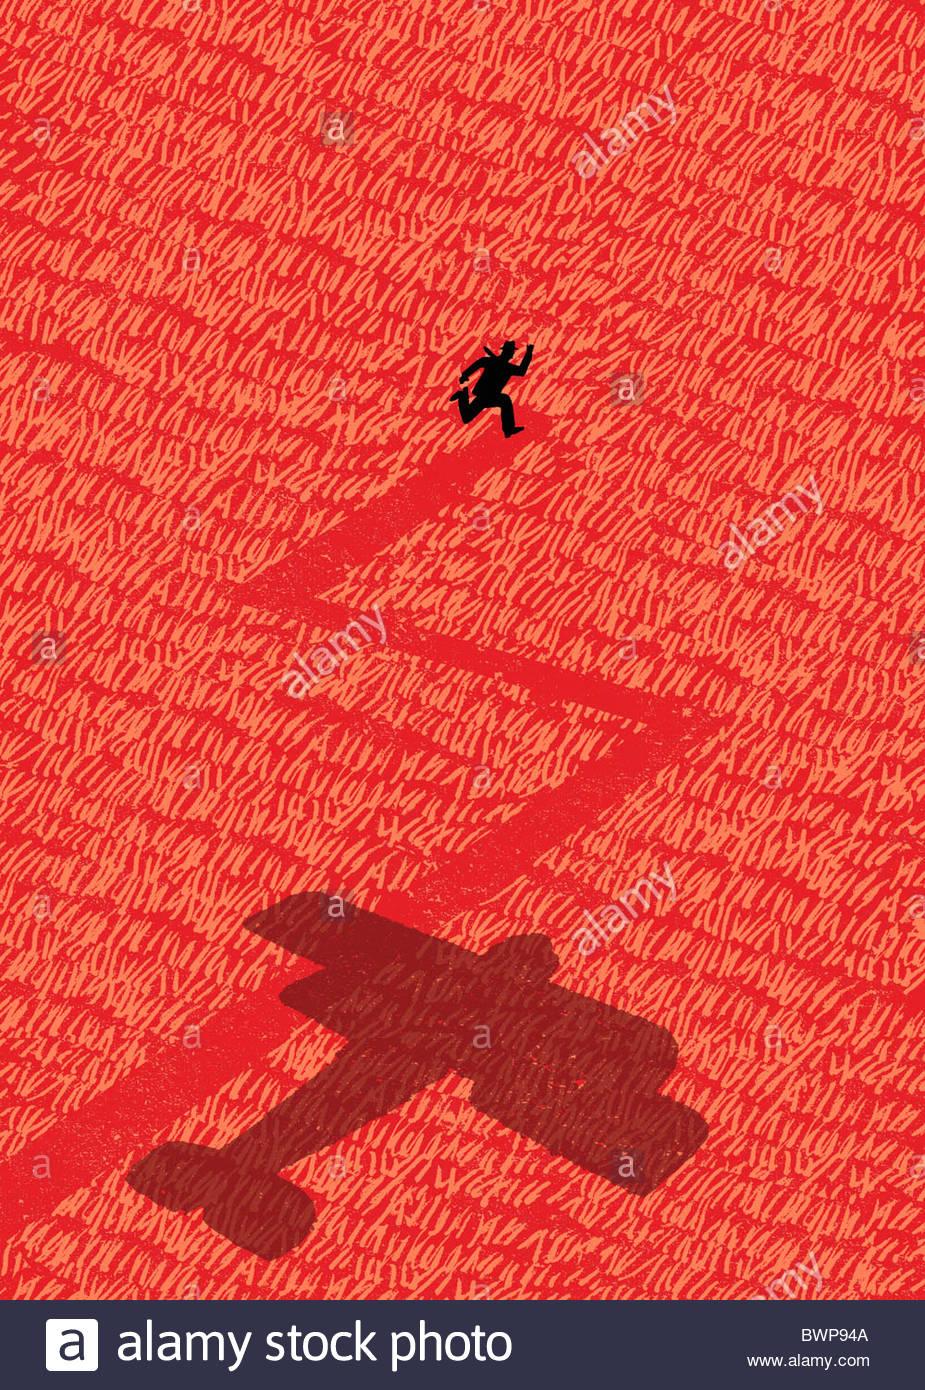 Anticuado avión persiguiendo al hombre a través del campo Imagen De Stock